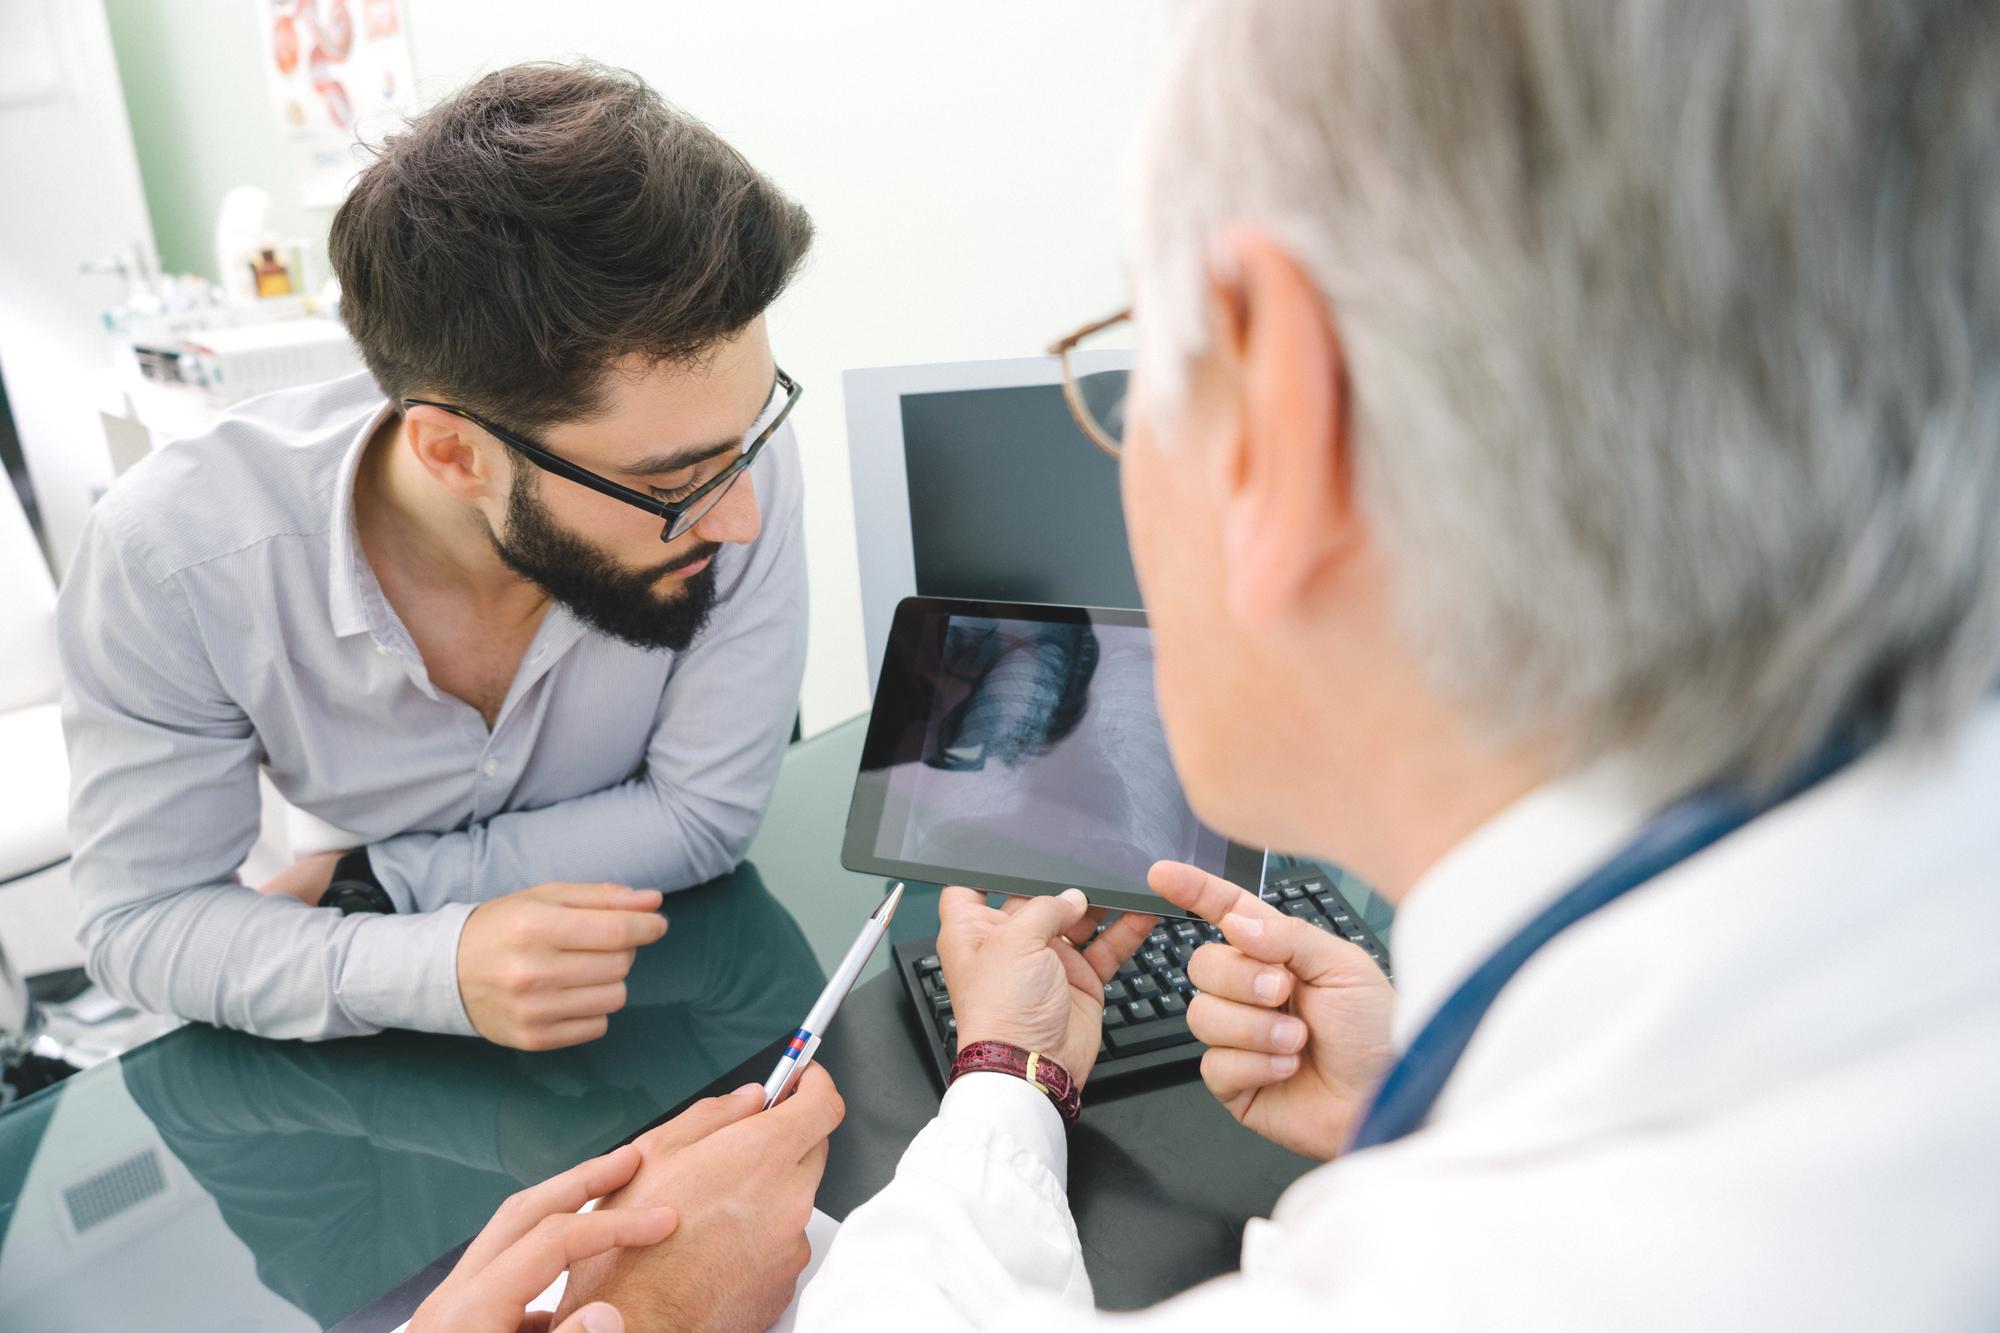 Πρόσφατη ανάλυση δεδομένων της λαροτρεκτινίμπης σε ασθενείς με καρκίνο του πνεύμονα